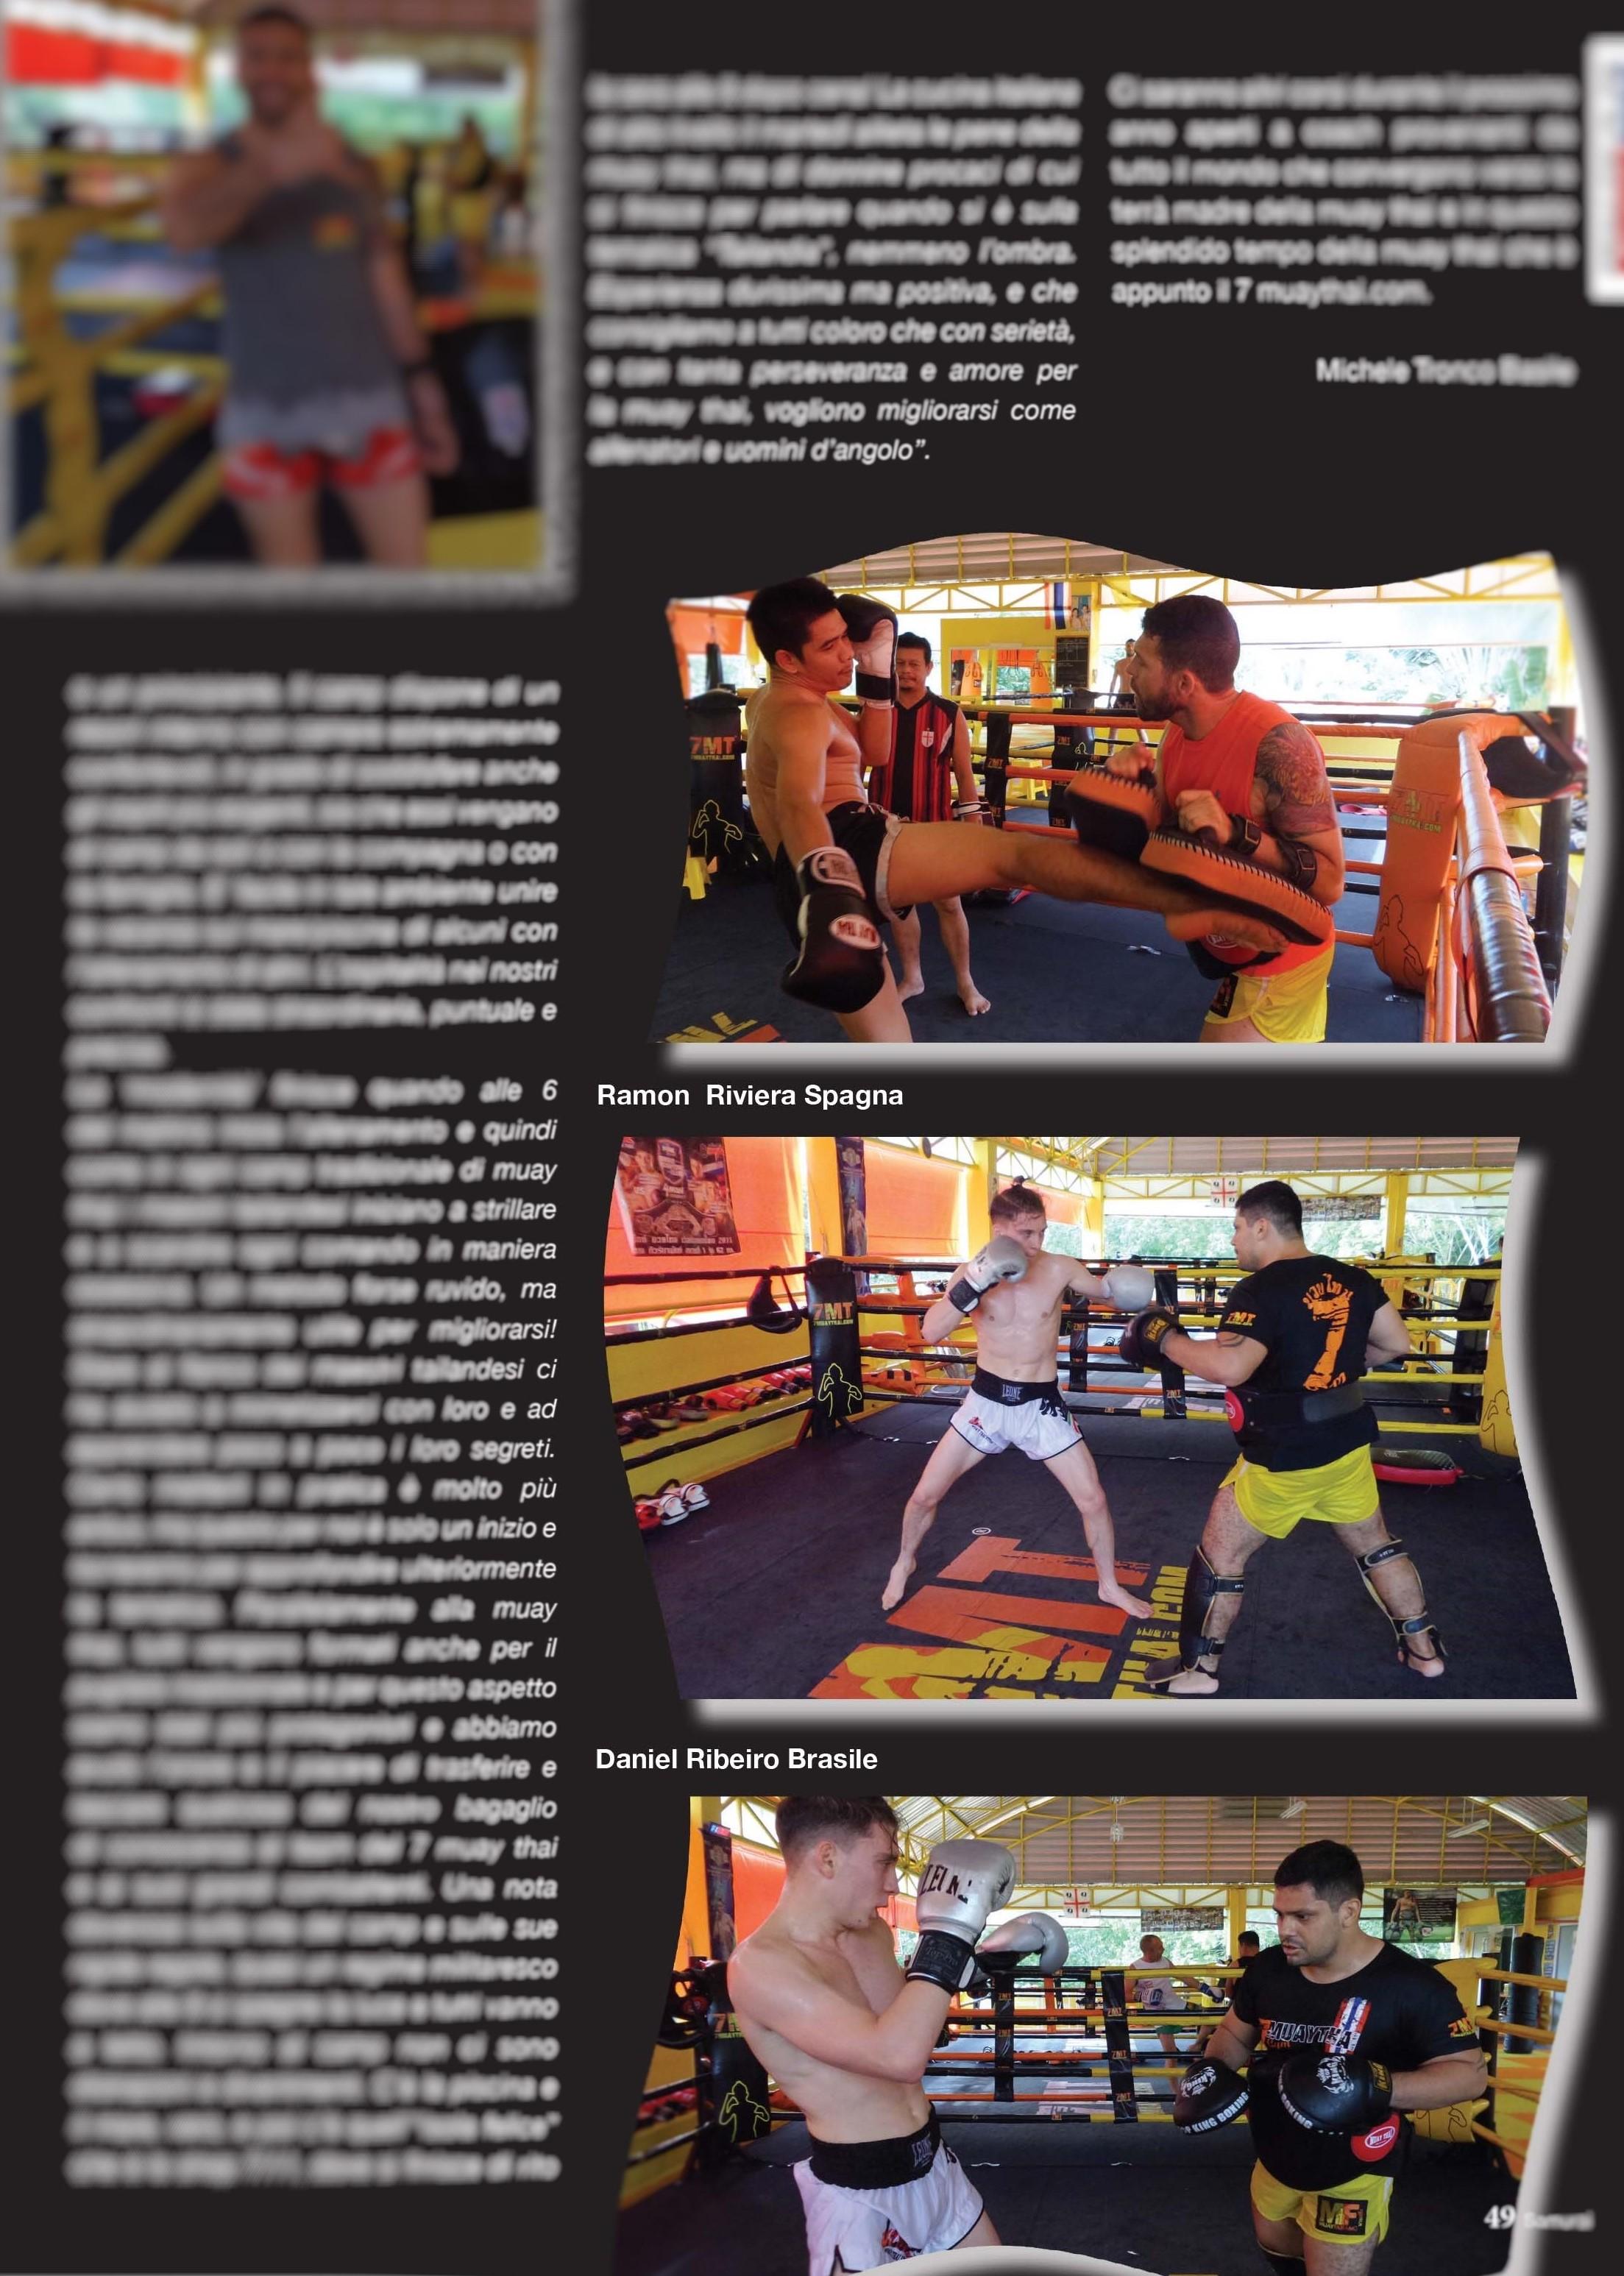 samurai 7 Muay Thai 1